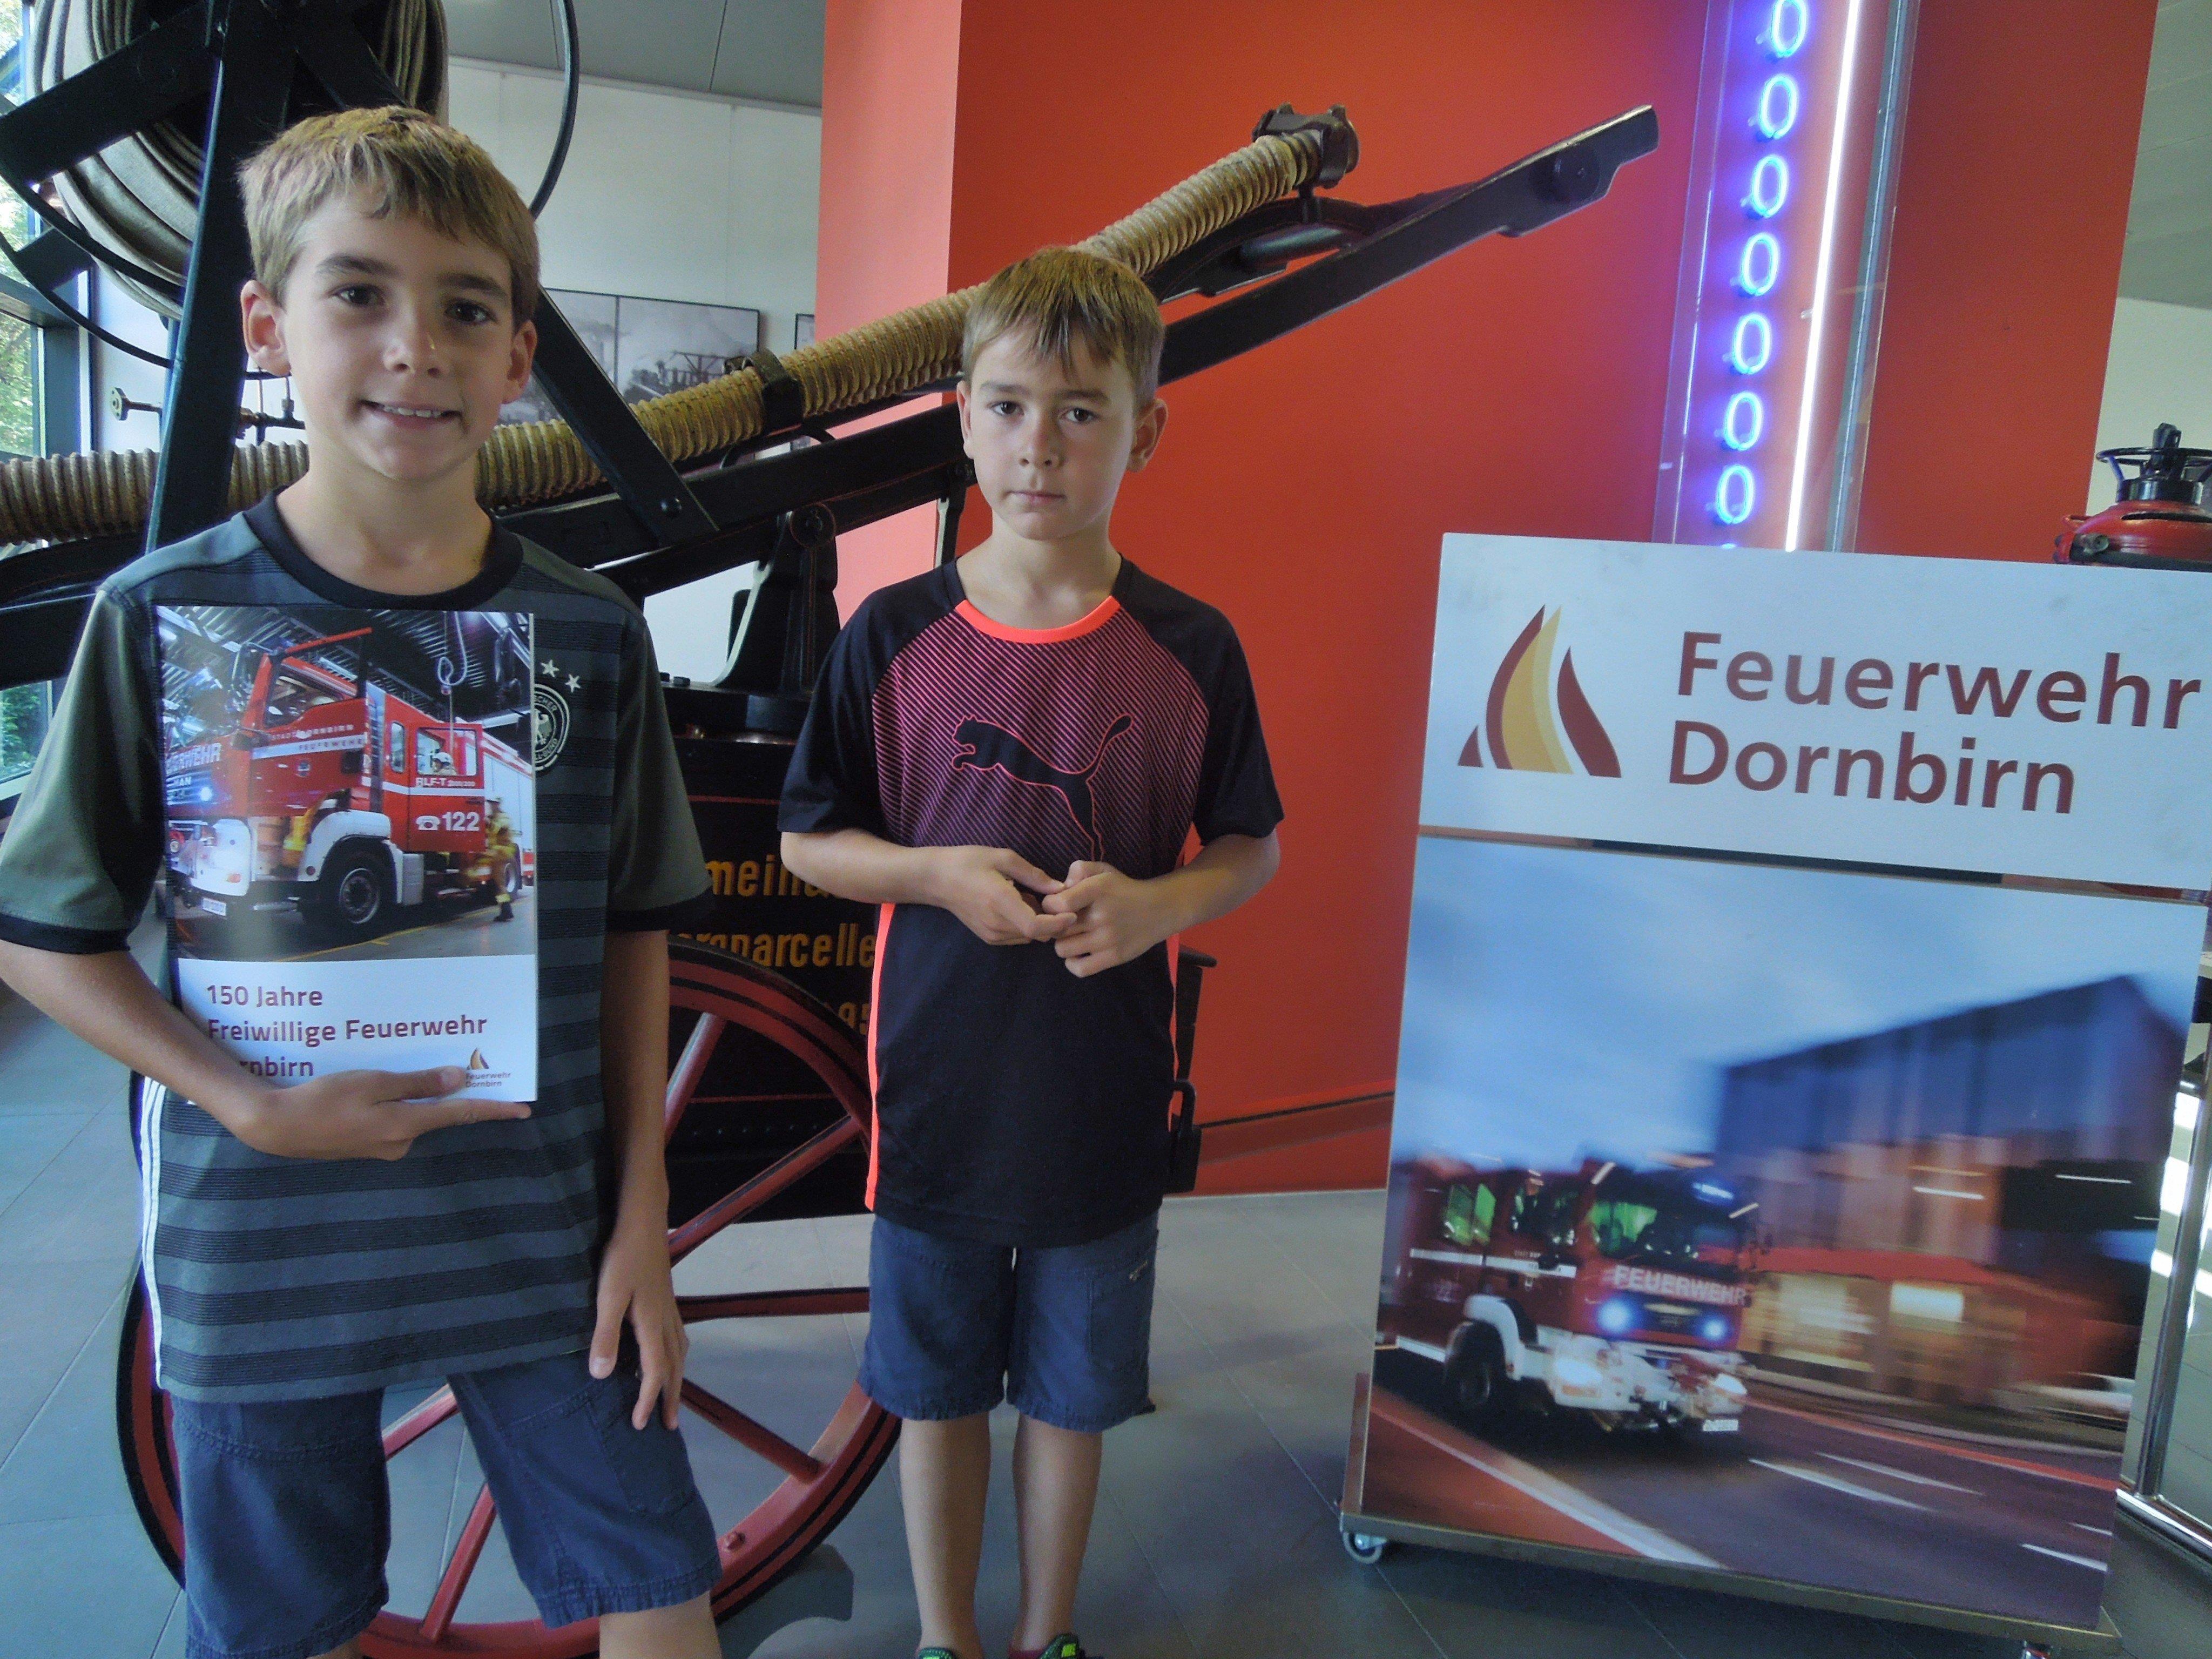 Noah und Jakob gehörten zu den zahlreichen Besuchern, die sich den Tag der offenen Tür bei der Feuerwehr Dornbirn nicht entgehen ließen.